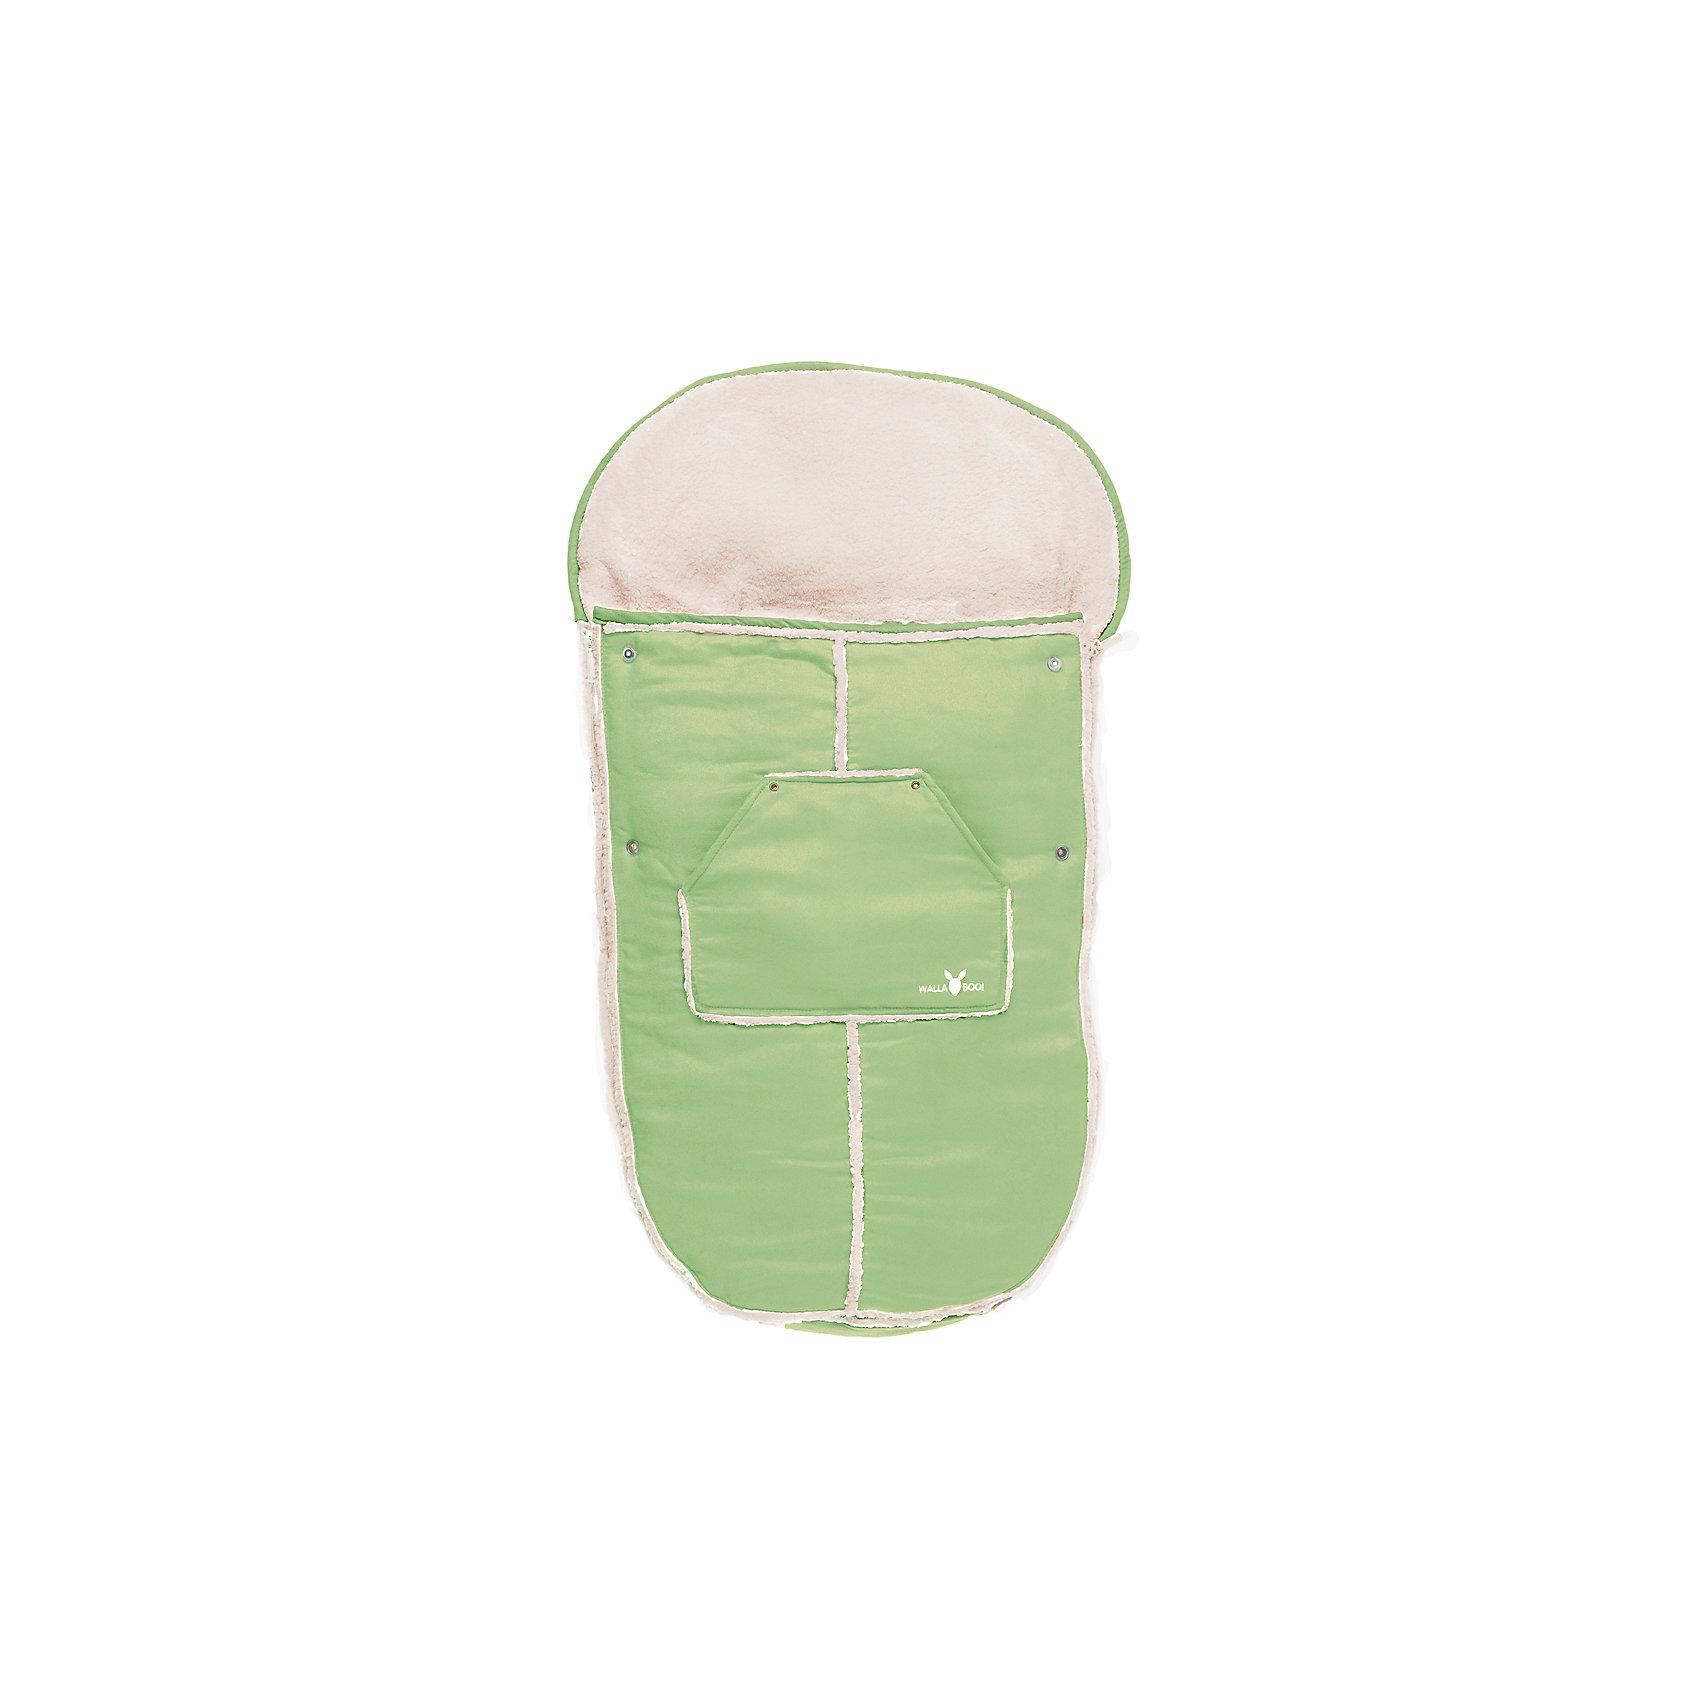 Конверт в коляску, Wallaboo, лаймДемисезонные конверты<br>Характеристики:<br><br>• конверт предназначен для детей от рождения до 3-х лет;<br>• материал верха: микроволокнистая замша, наполнитель: синтепон 120 г;<br>• конверт используется для коляски, автокресла, санок;<br>• верхняя часть конверта отстегивается, конверт можно применять как мягкий вкладыш;<br>• конверт с капюшоном на резинке, крепится к капюшону коляски;<br>• имеются прорези для ремней безопасности;<br>• конверт застегивается на боковые молнии, которые расположены по всей длине муфты;<br>• конверт оснащен карманом для игрушек или аксессуаров;<br>• размер конверта-муфты: 100х48 см;<br>• размер упаковки: 60х50х9 см;<br>• вес: 900 г.<br><br>Конверт в коляску, Wallaboo, лайм можно купить в нашем интернет-магазине.<br><br>Ширина мм: 800<br>Глубина мм: 800<br>Высота мм: 50<br>Вес г: 500<br>Возраст от месяцев: 0<br>Возраст до месяцев: 12<br>Пол: Унисекс<br>Возраст: Детский<br>SKU: 5445053